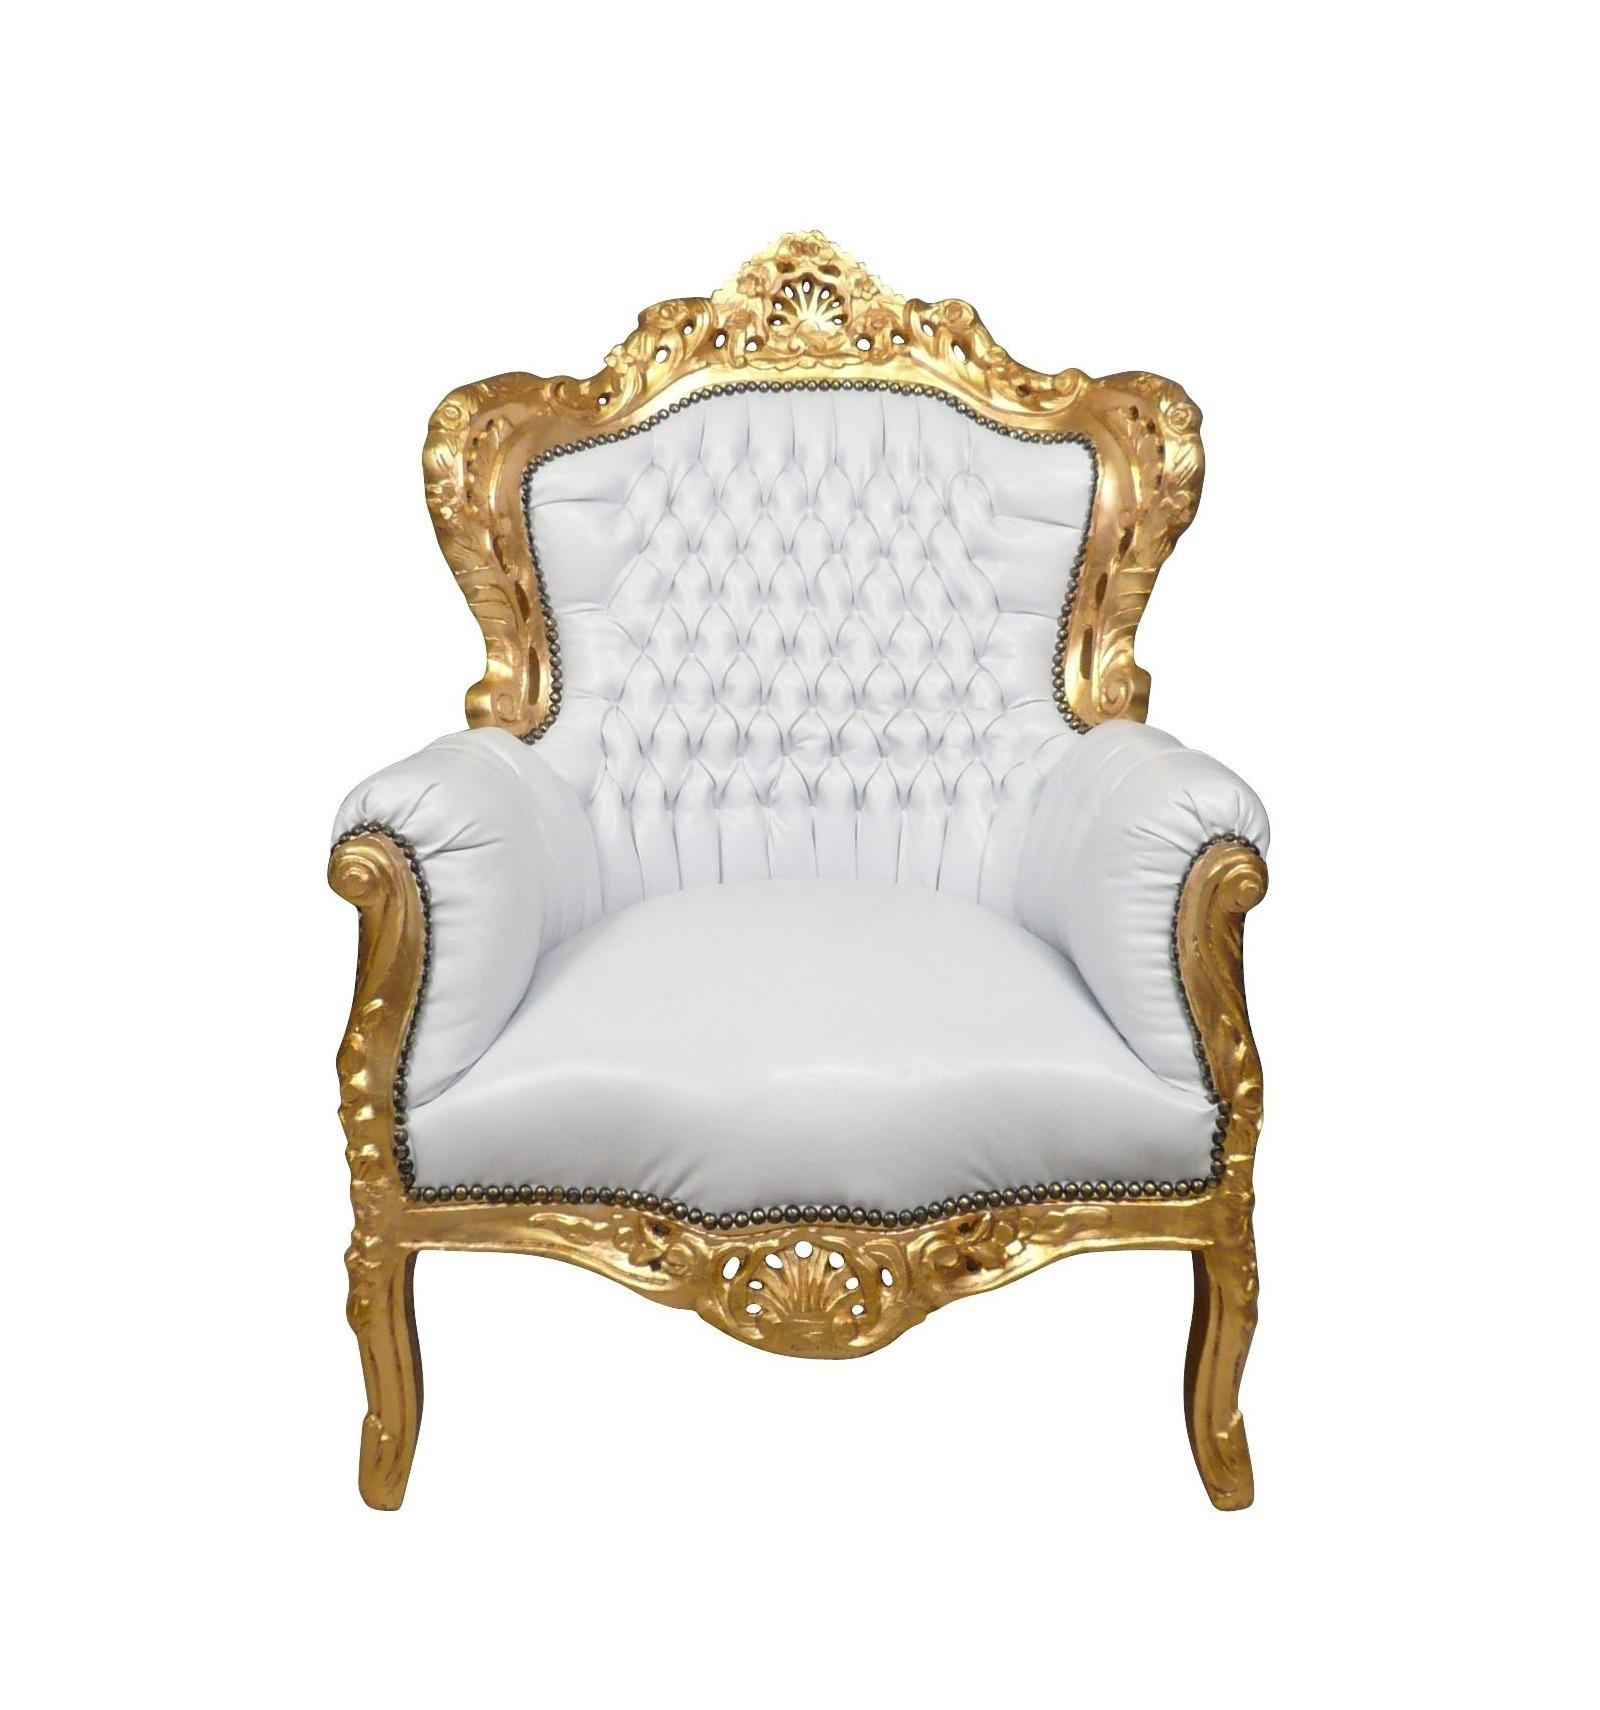 Sedia barocco bianco-e-oro - Mobili in stile barocco